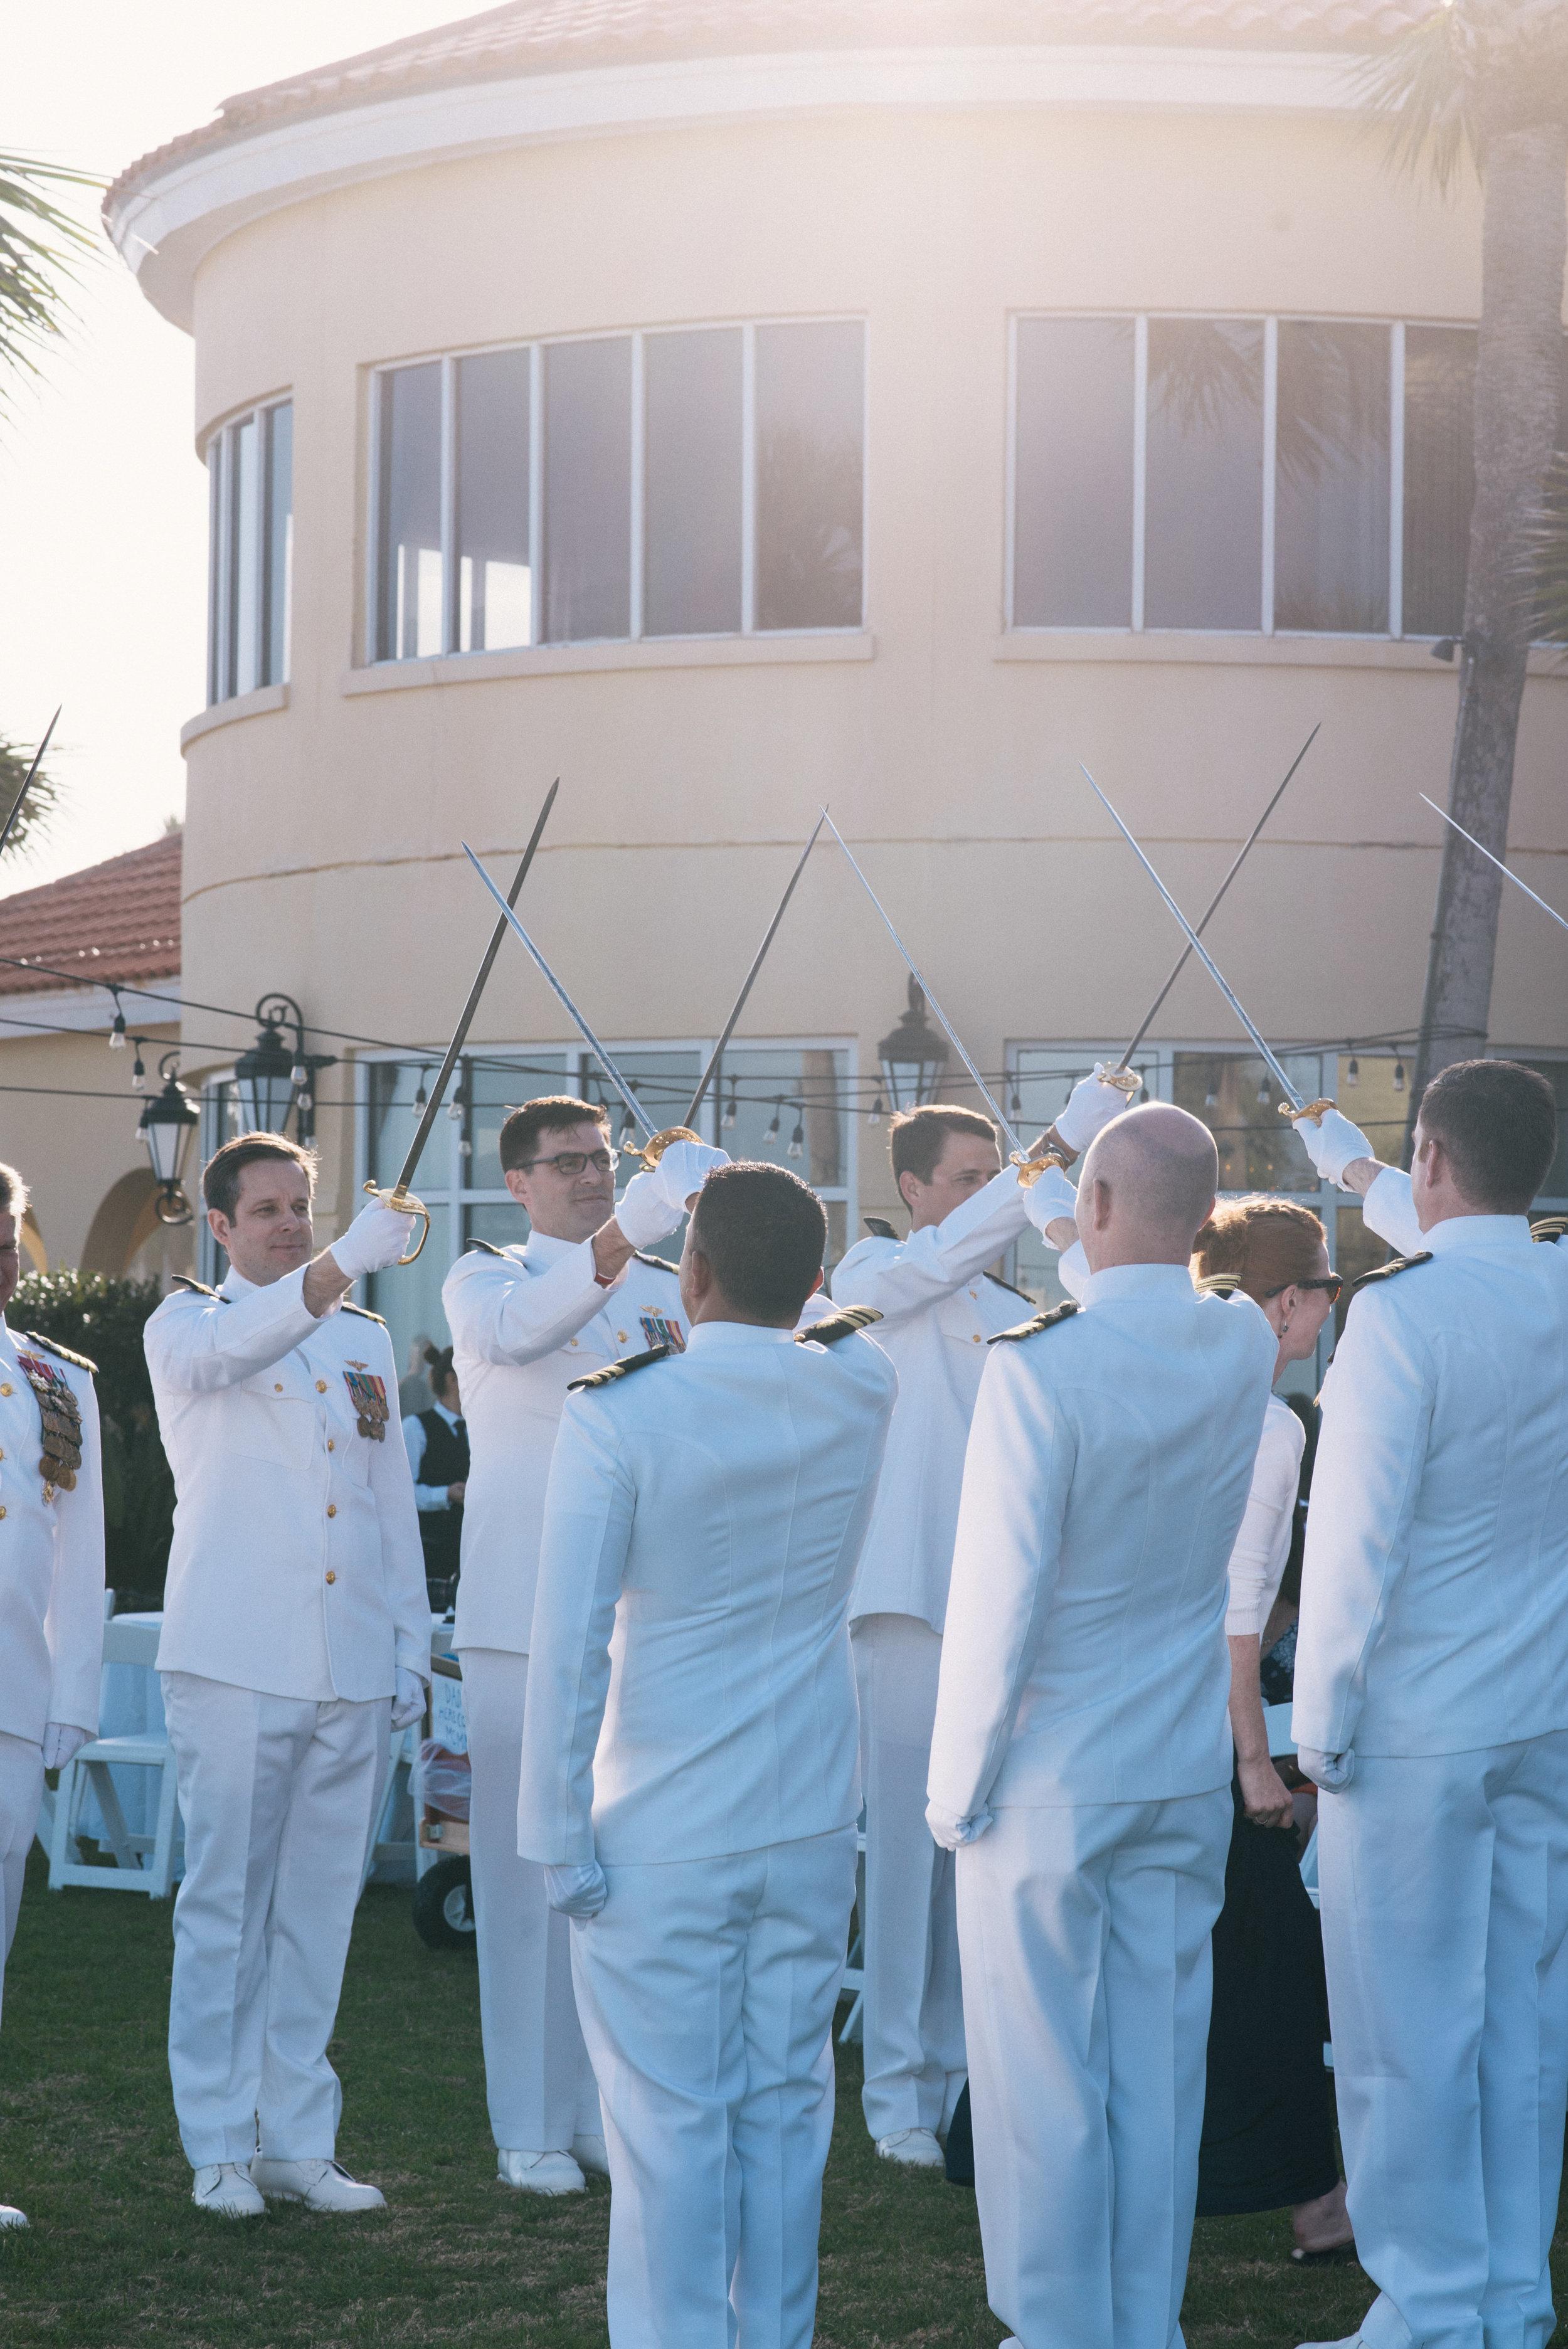 st-simons-island-elopement-photographer-savannah-elopement-photography-savannah-georgia-elopement-photographer-savannah-wedding-photographer-meg-hill-photo-jade-hill- (40 of 72).jpg